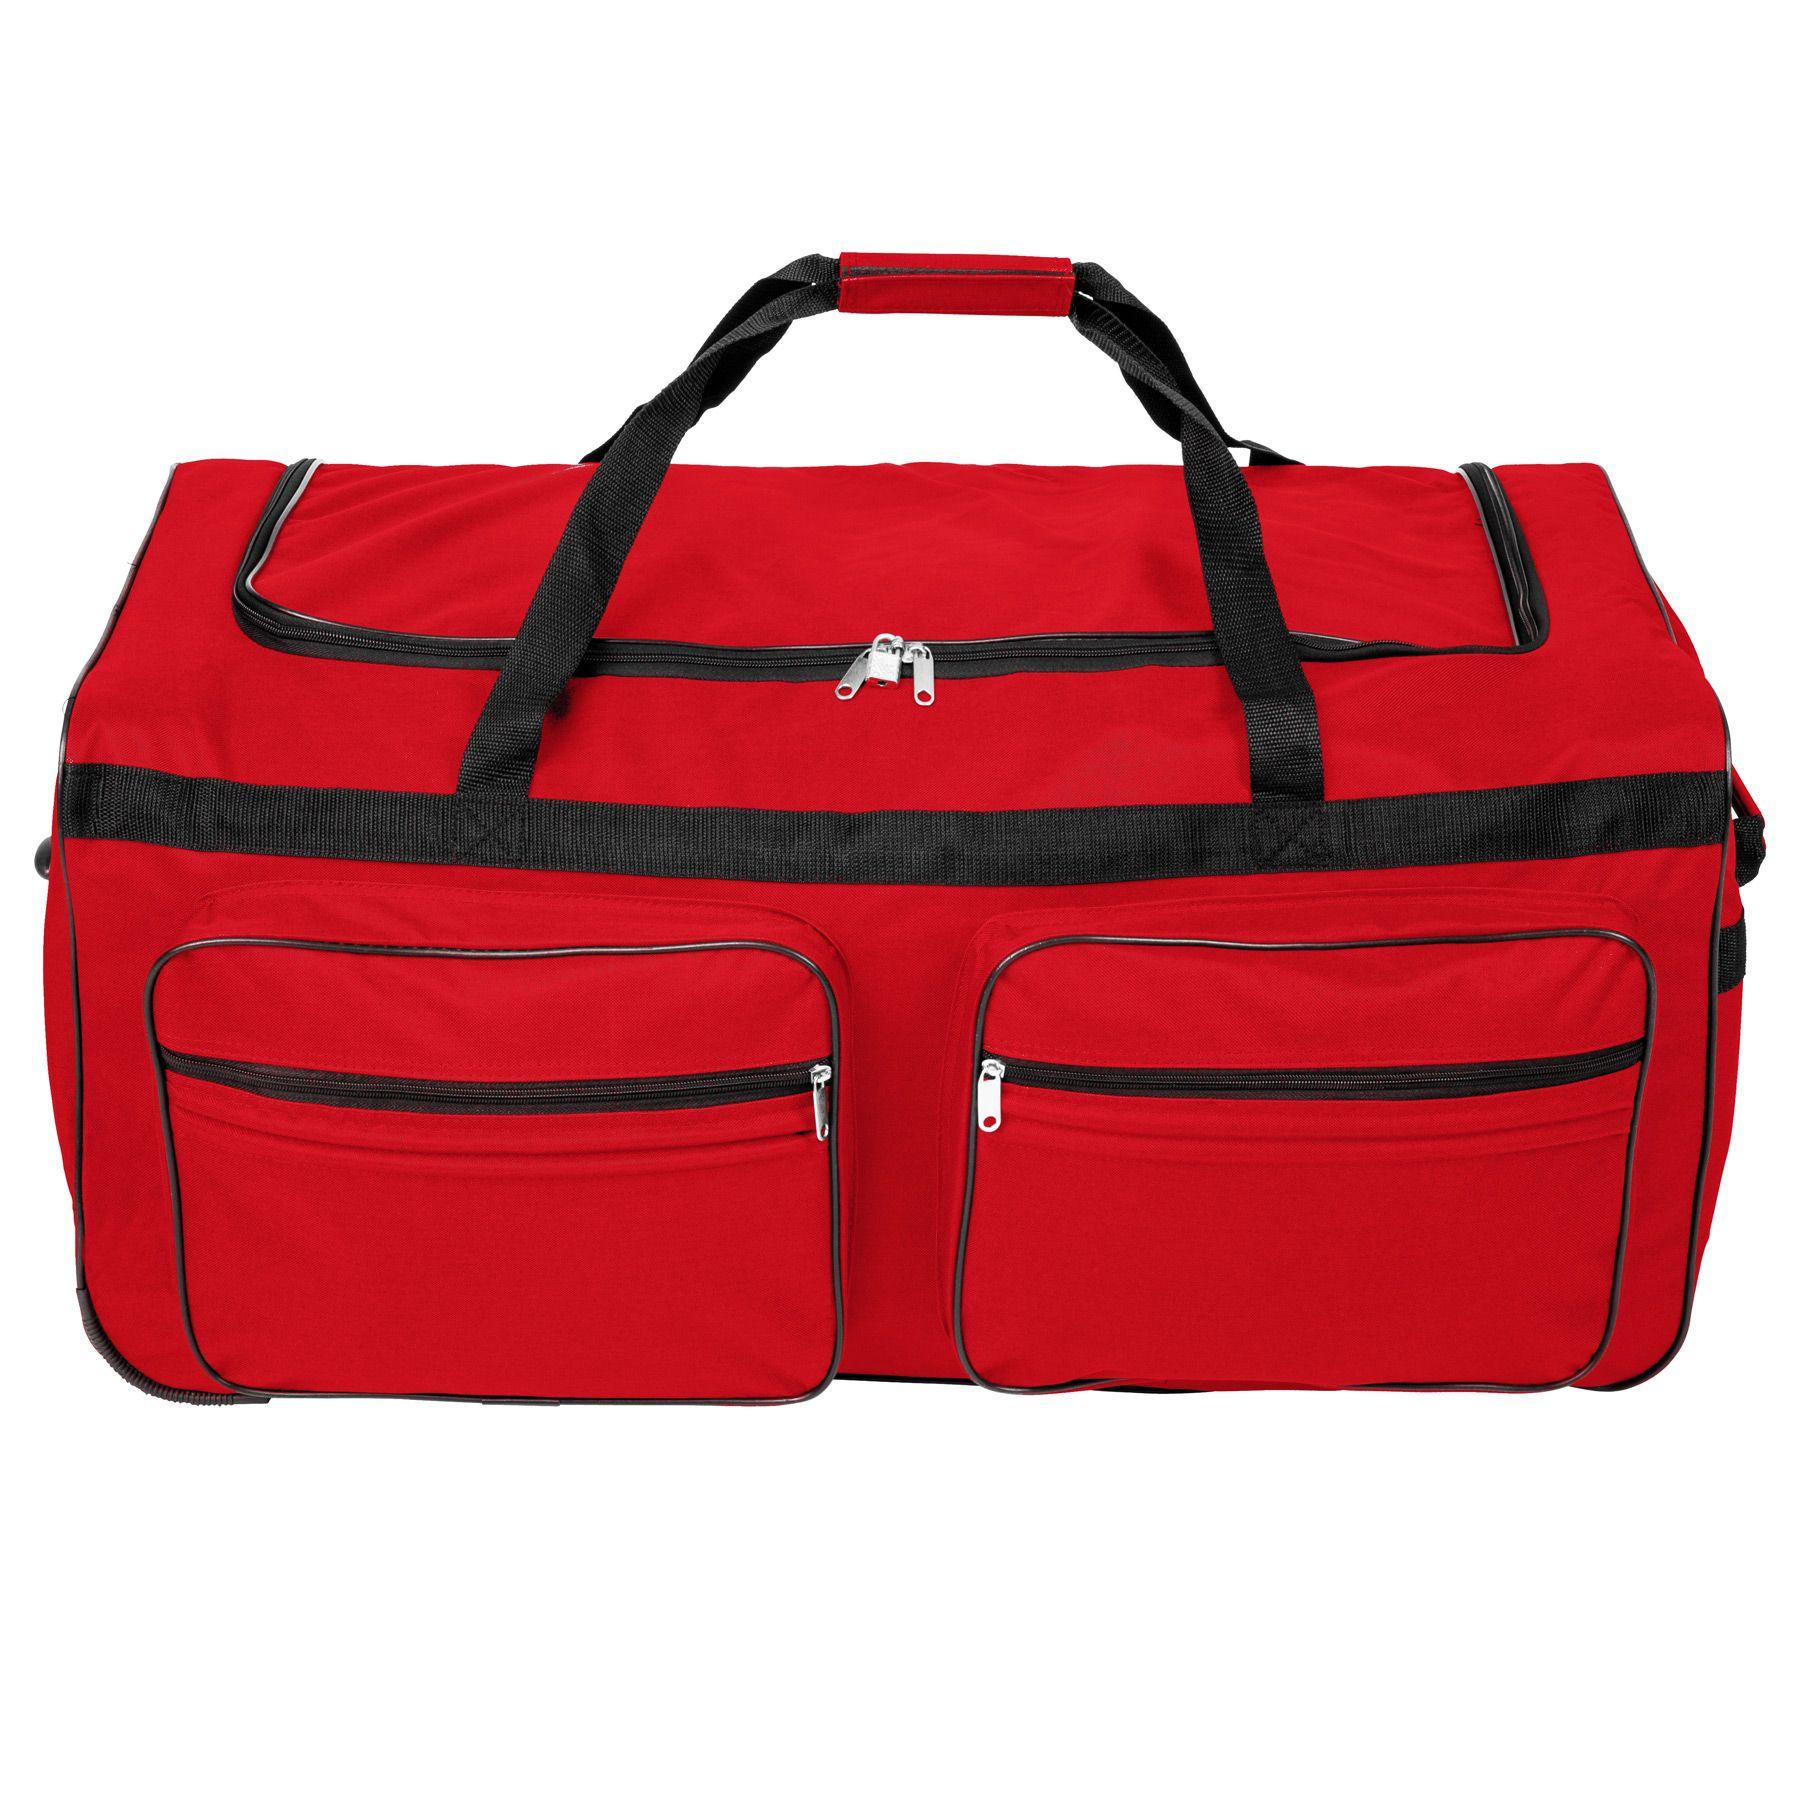 TecTake_Reisetasche_402214_2 Sac de voyage XXL valise trolley légère sport bagage à roulettes 160 litres